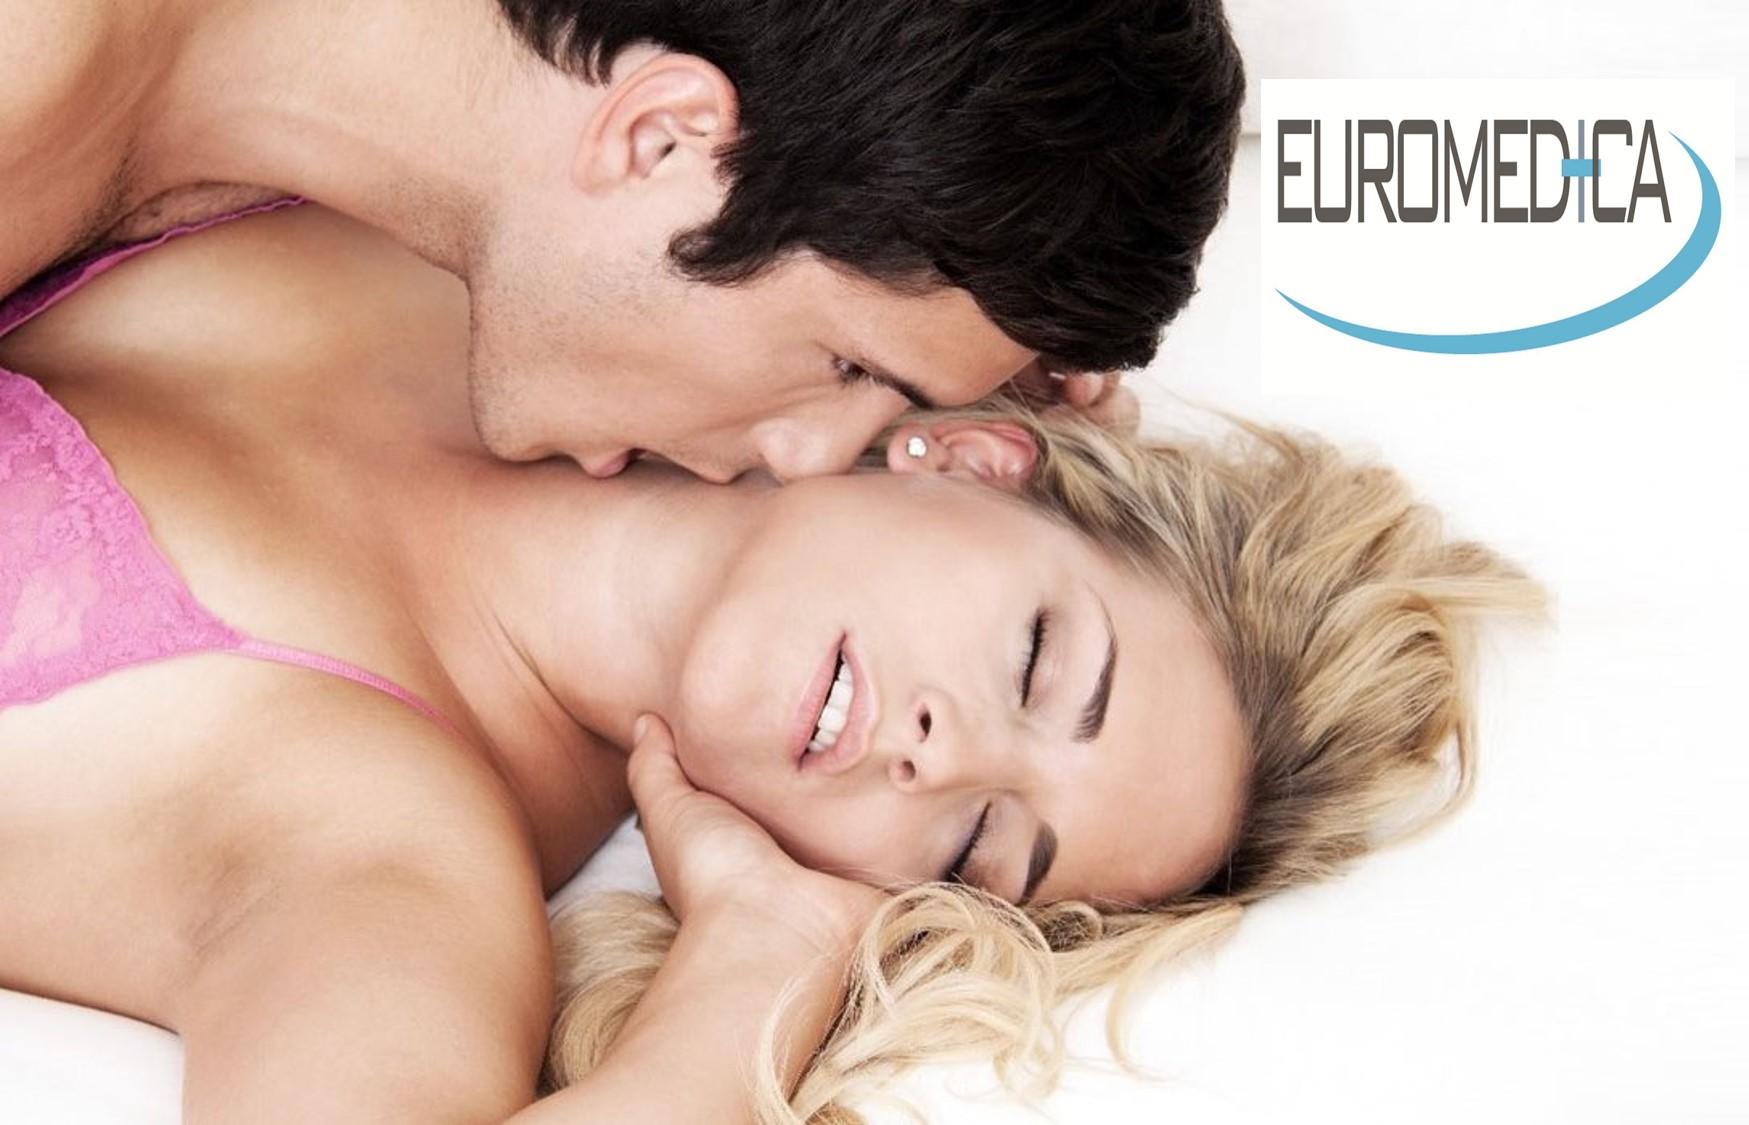 29€ από 80€ για πλήρες πακέτο ελέγχου Αφροδίσιων Νοσημάτων (Ηπατίτιδα Β, Ηπατίτιδα C, AIDS, Σύφιλη) στην EUROMEDICA